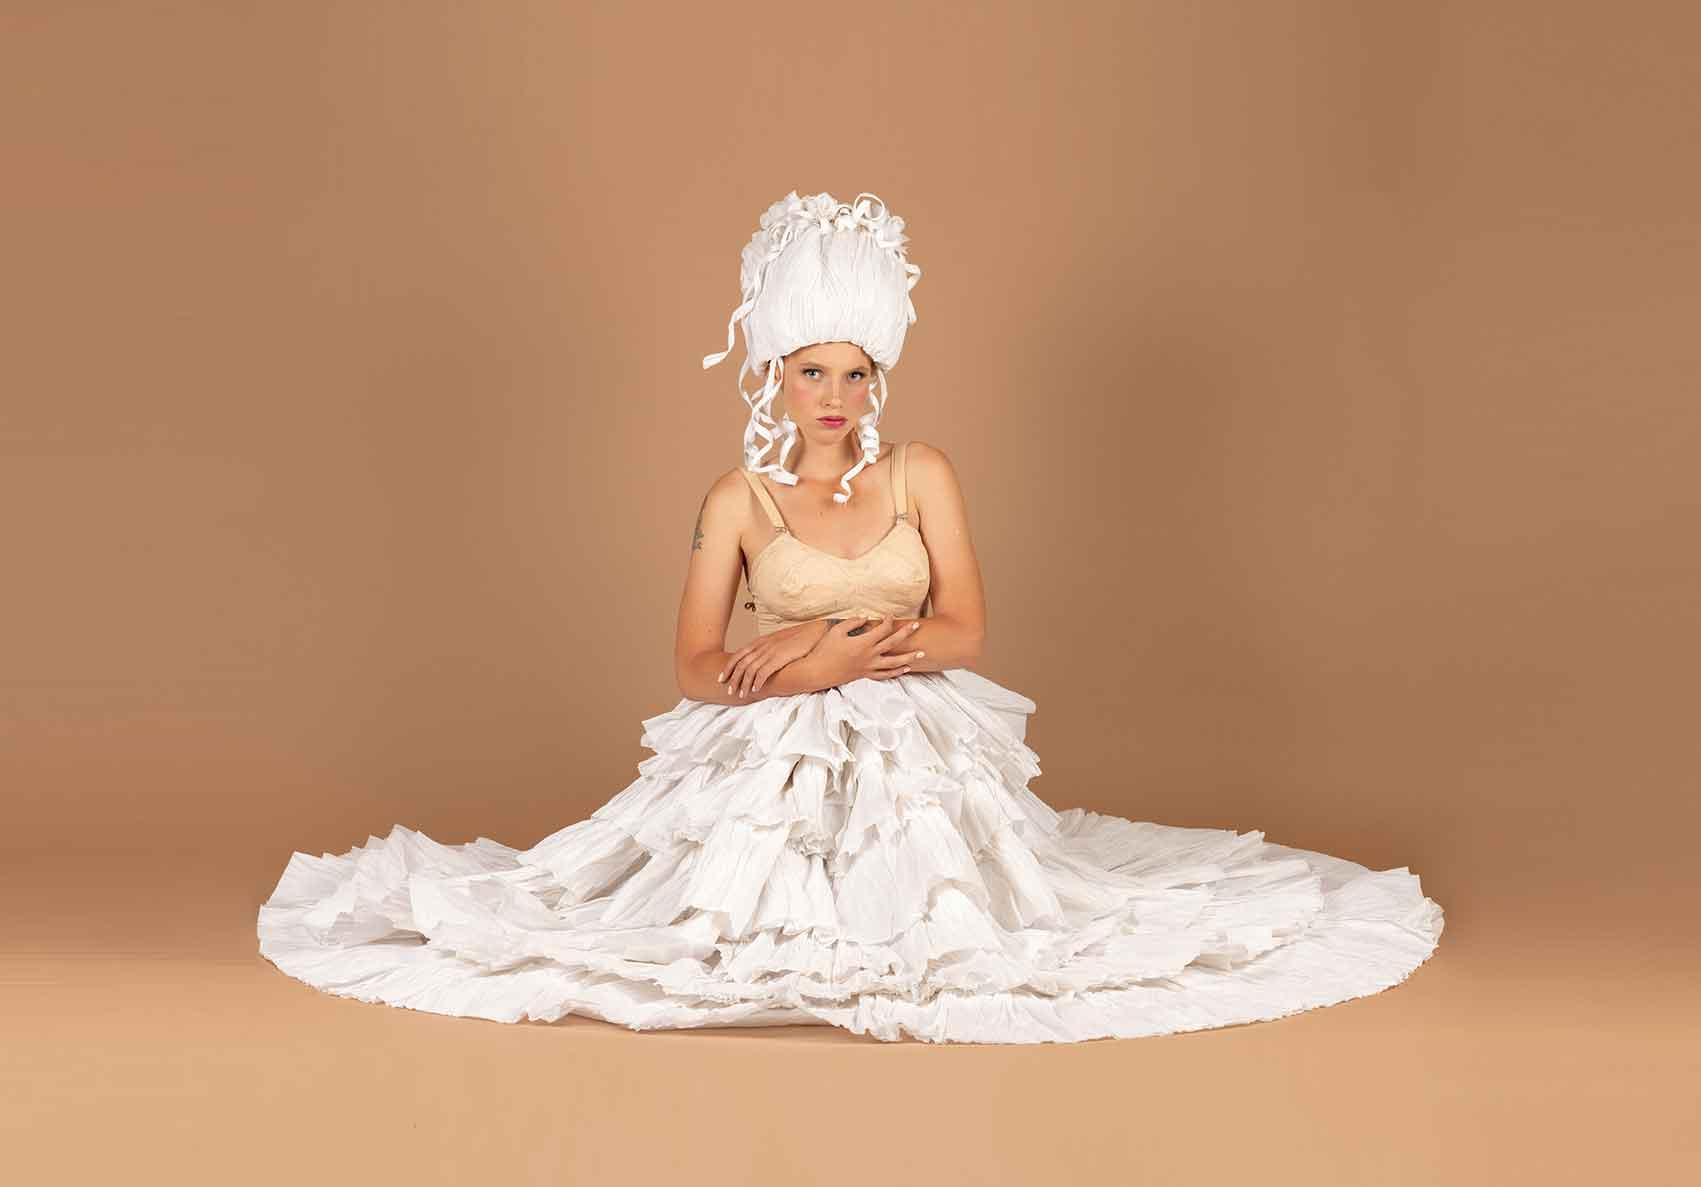 הפקות-אופנה- צילום: ליז כדר, מעצבת בנייר: מירב פלג, איפור: יעל ברזילי, דוגמנית: ליזה טרטרוב